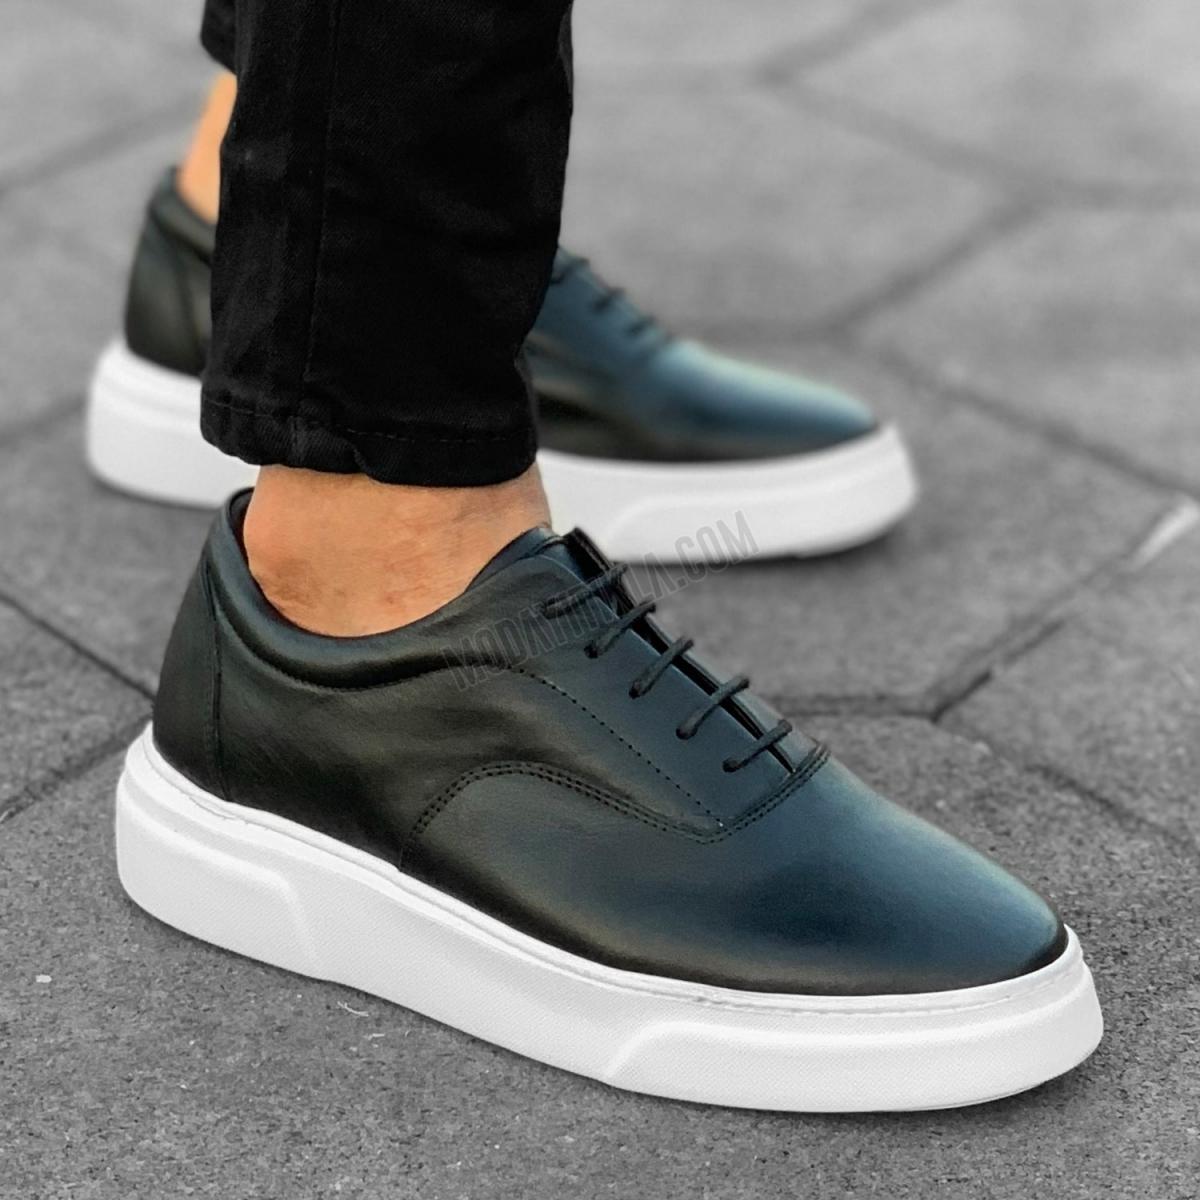 Erkek Premium Hakiki Deri Beyaz Taban Bağcıklı Sneaker Ayakkabı Siyah